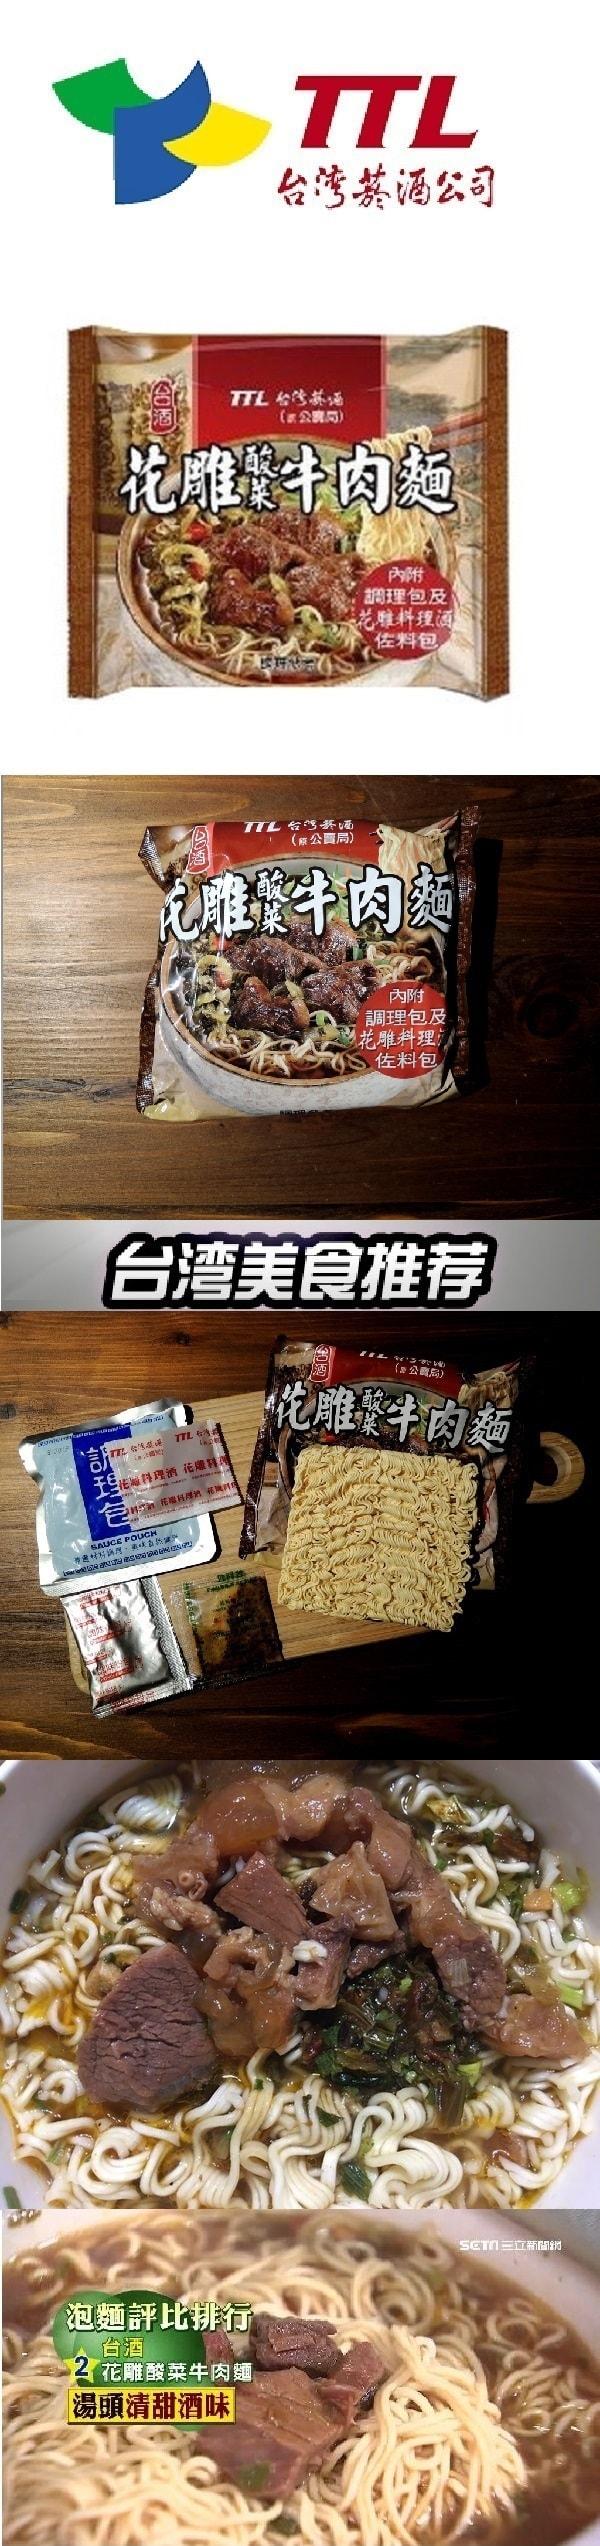 [台湾直邮]台酒 酸菜牛肉袋面 200g 单包(限购2包)